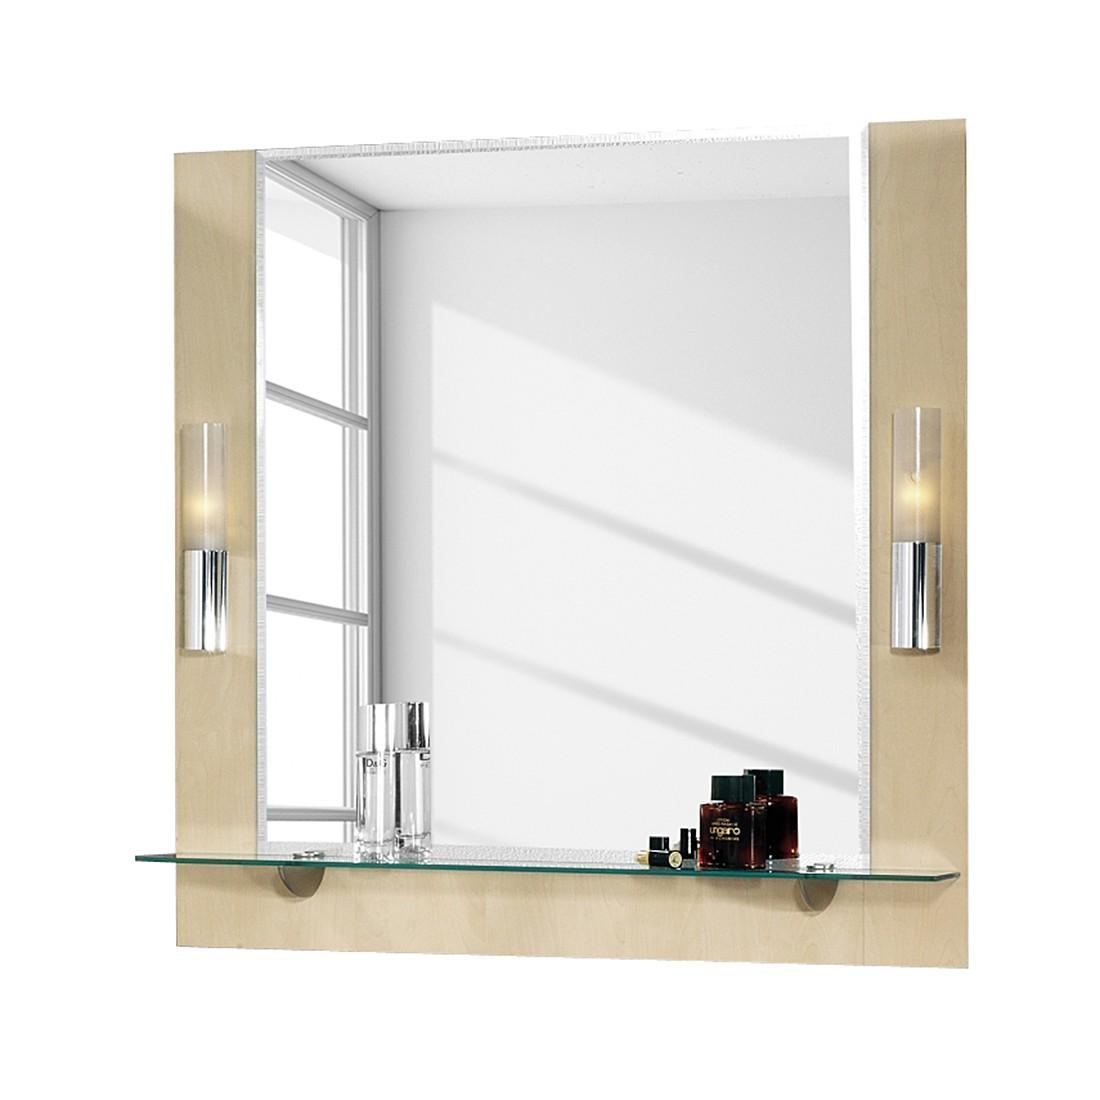 Spiegelelement Domino – mit Glasablage & Beleuchtung – Birke Dekor, Fackelmann jetzt bestellen